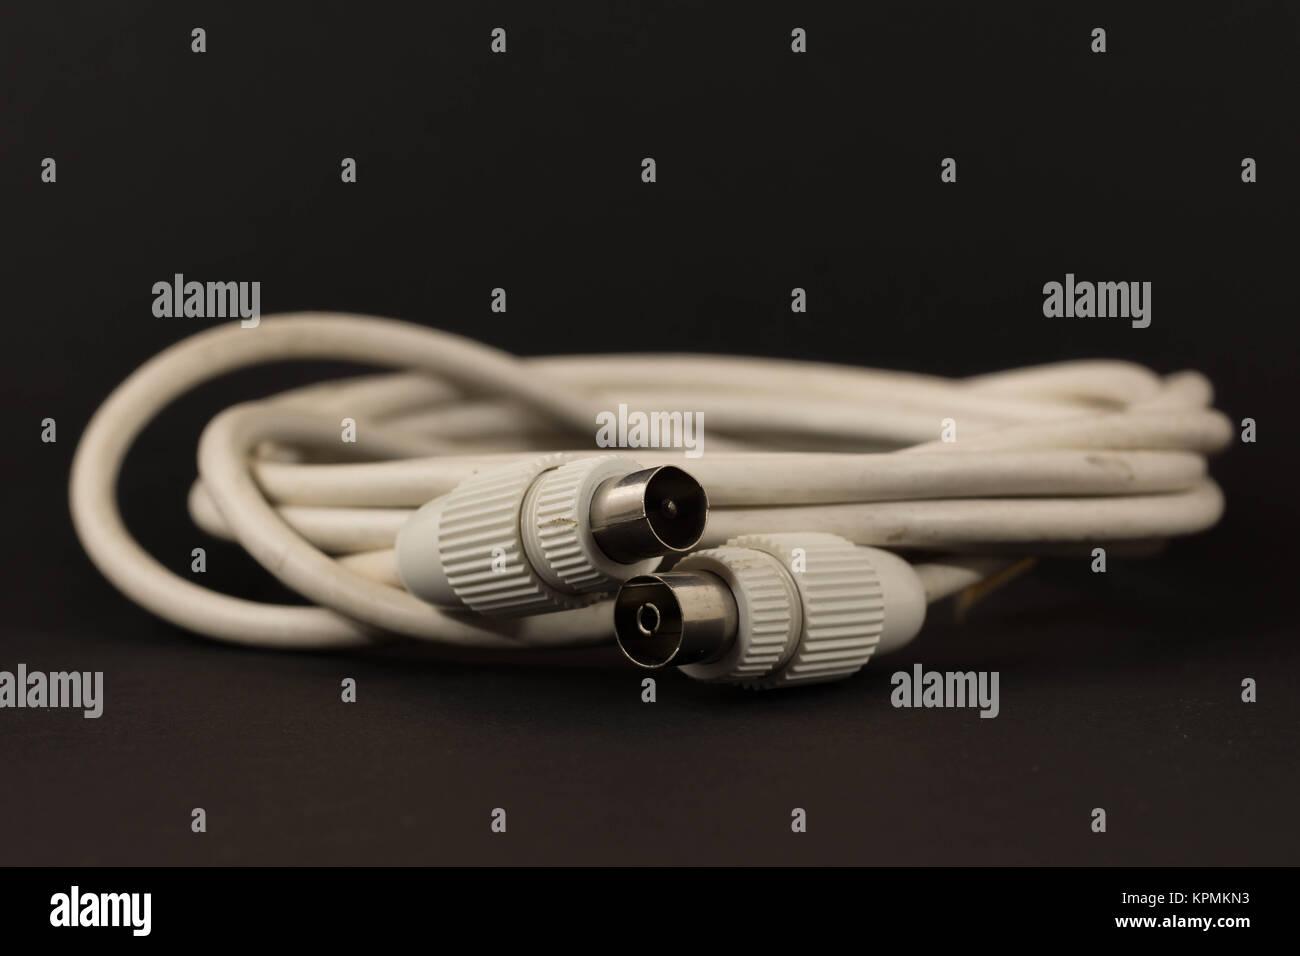 Weißes Antennenkabel vor schwarzem Hintergrund - Stock Image